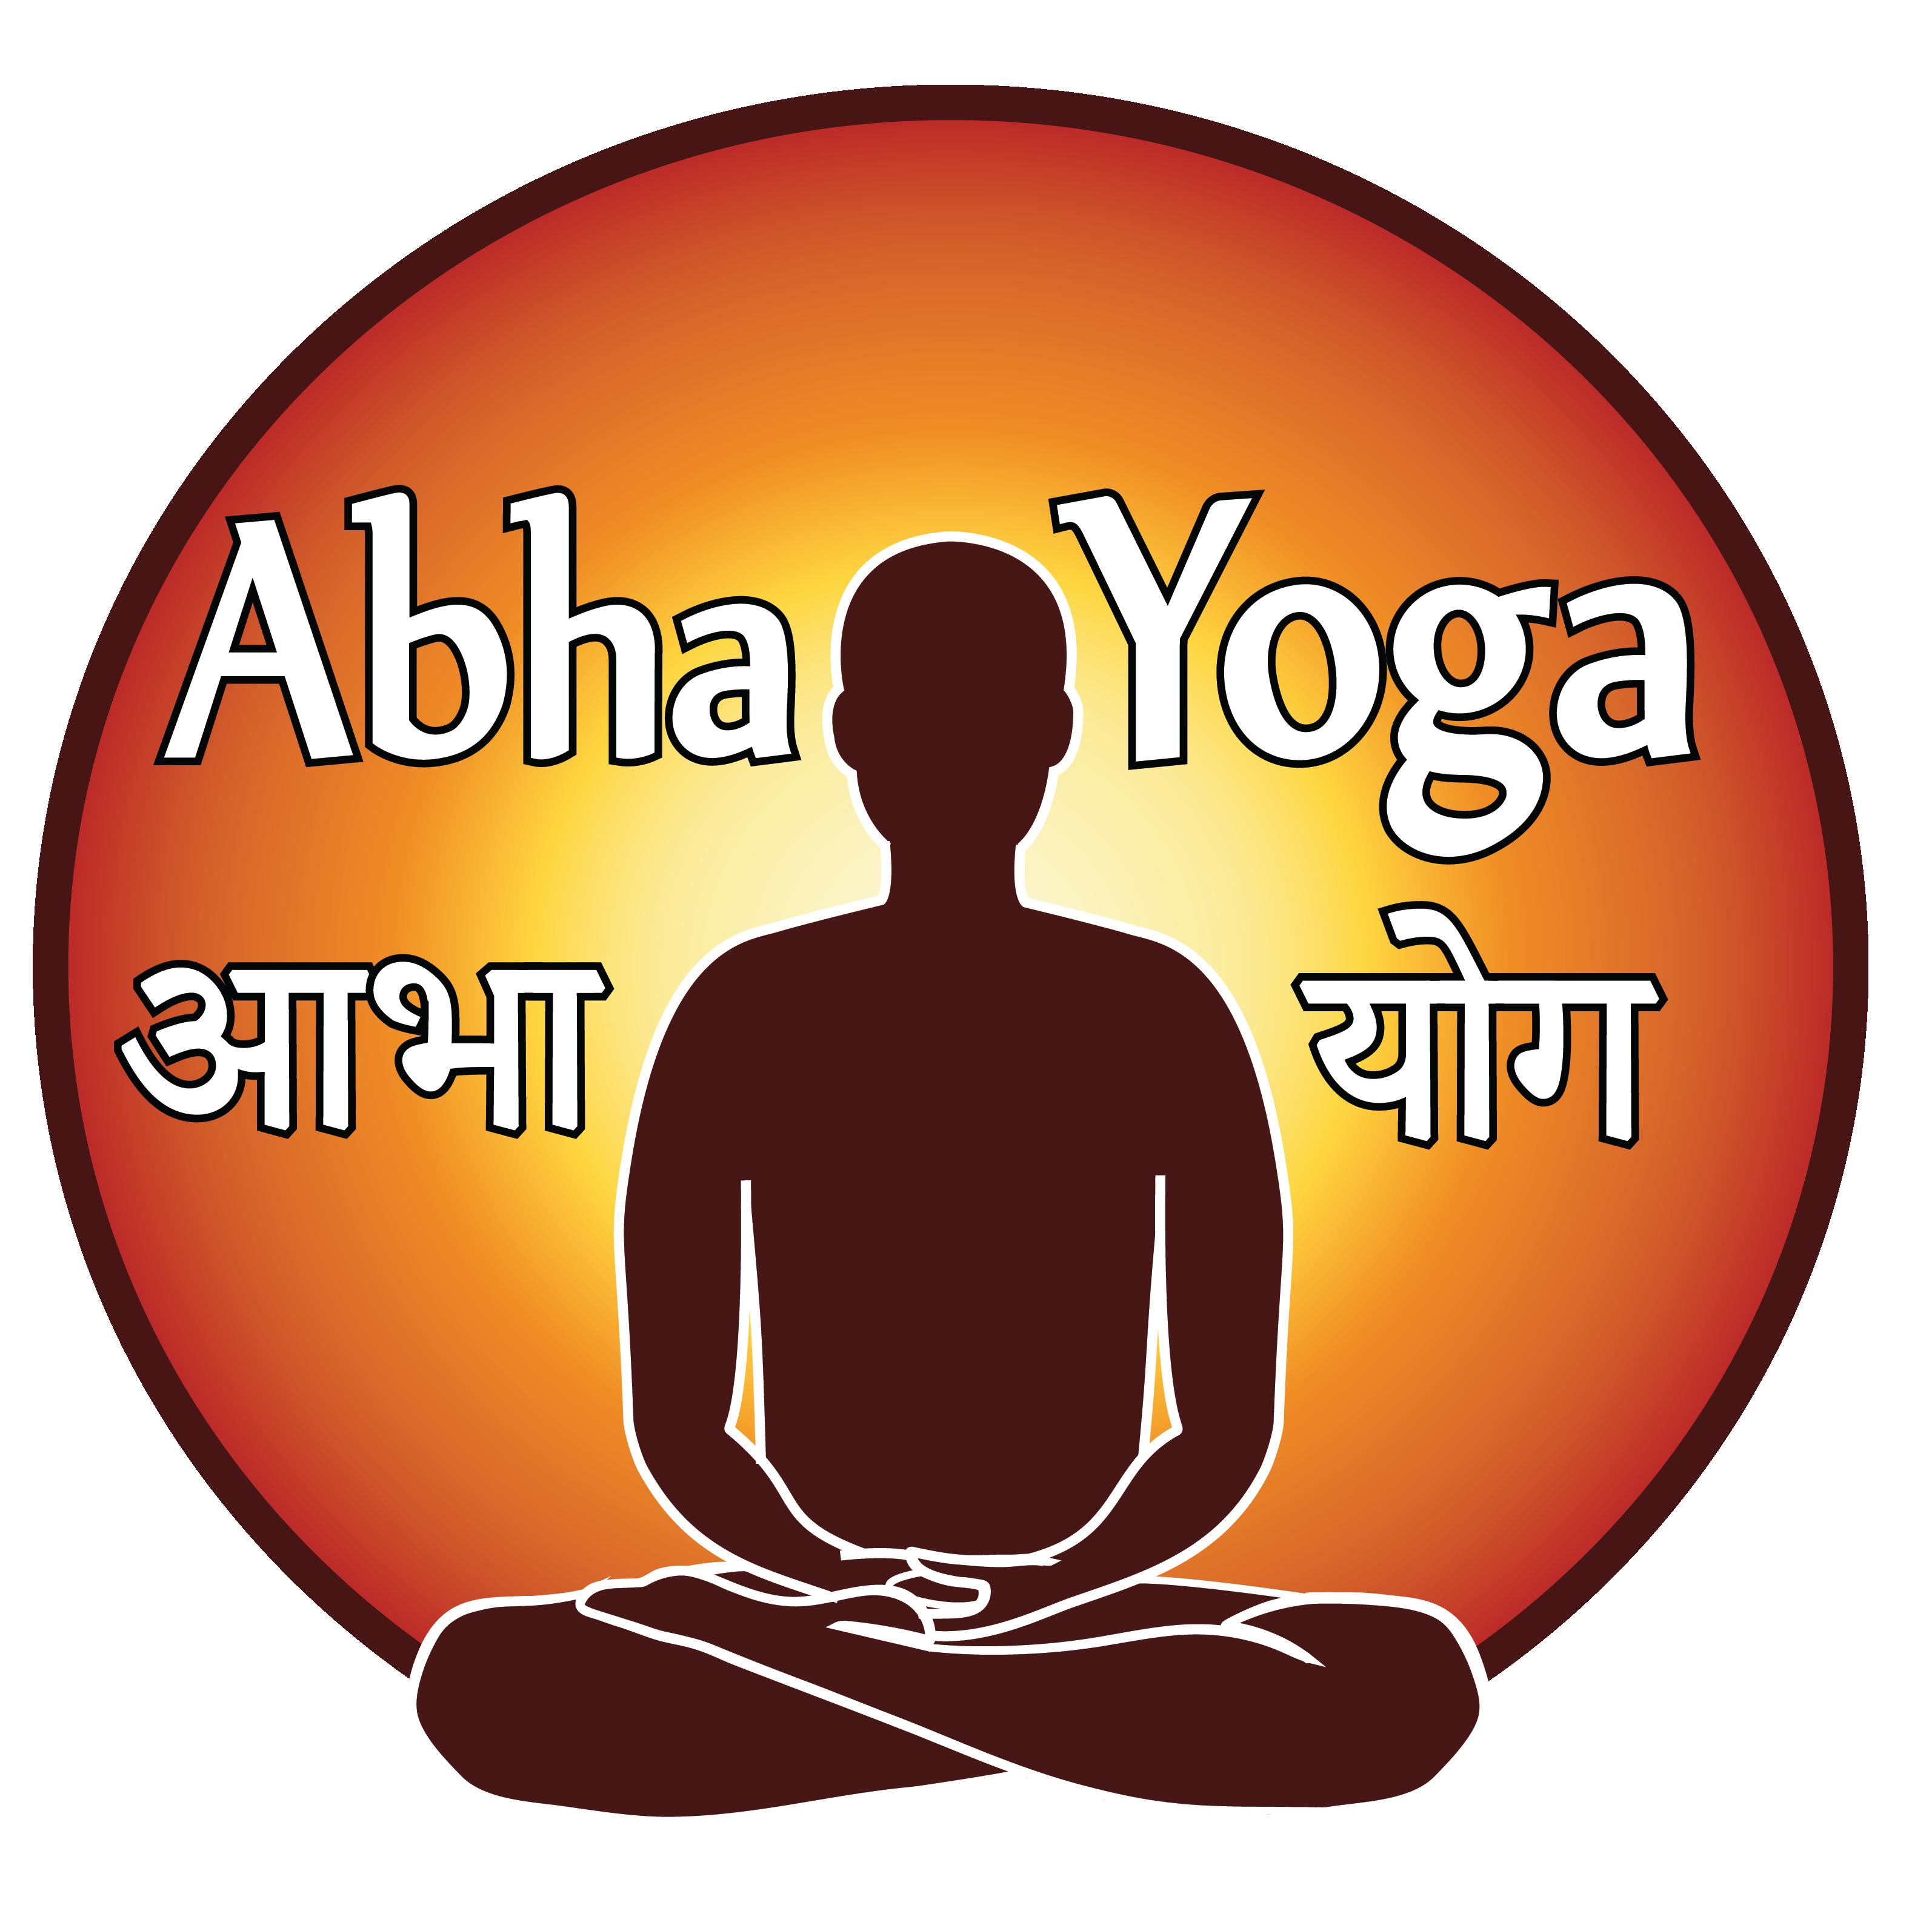 AbhaYoga.com